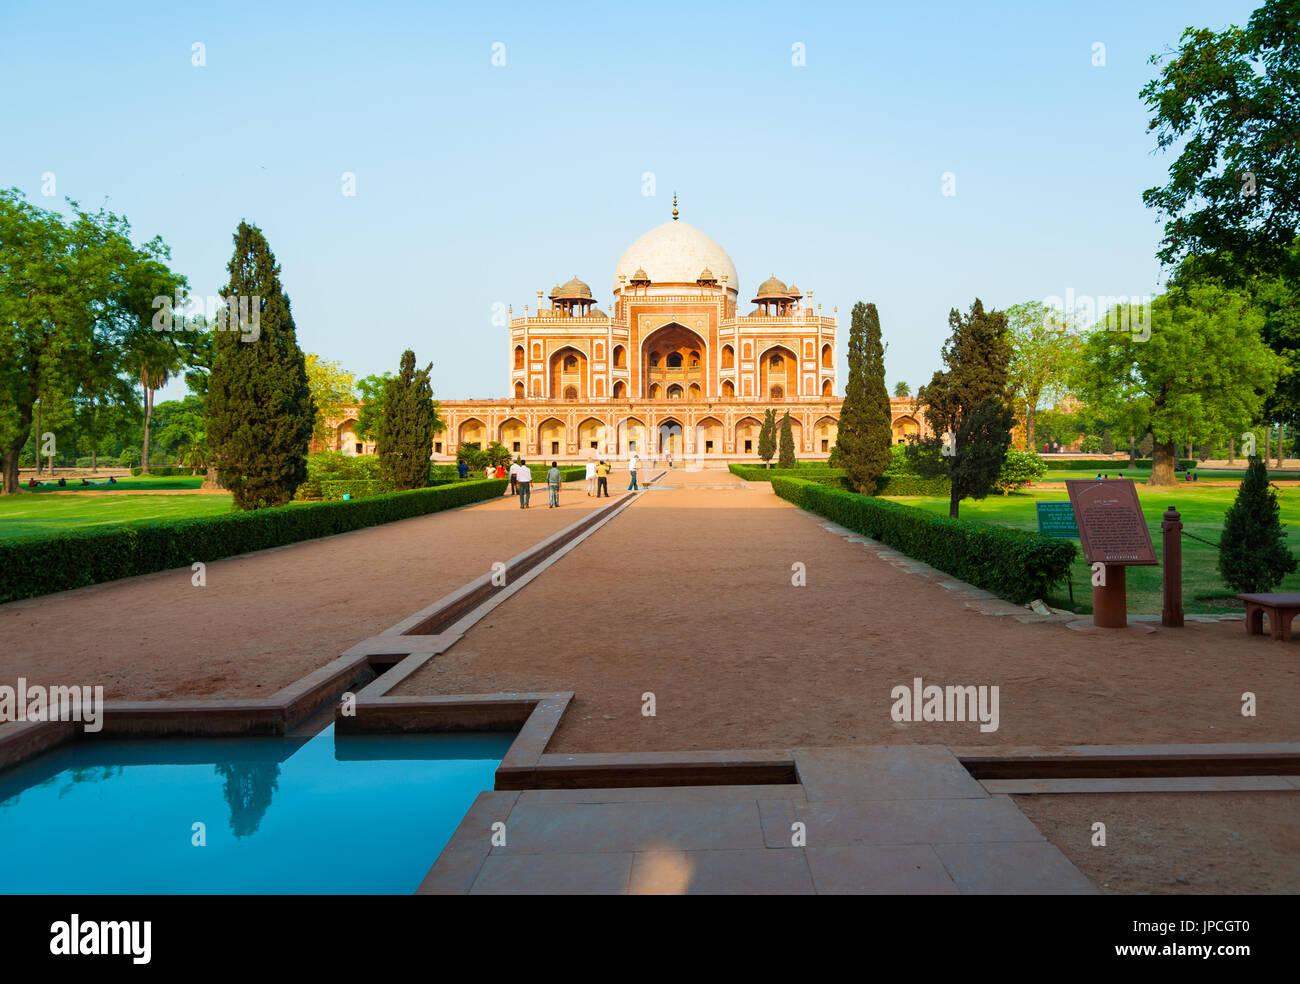 Humayun's tomb - Delhi India - Stock Image